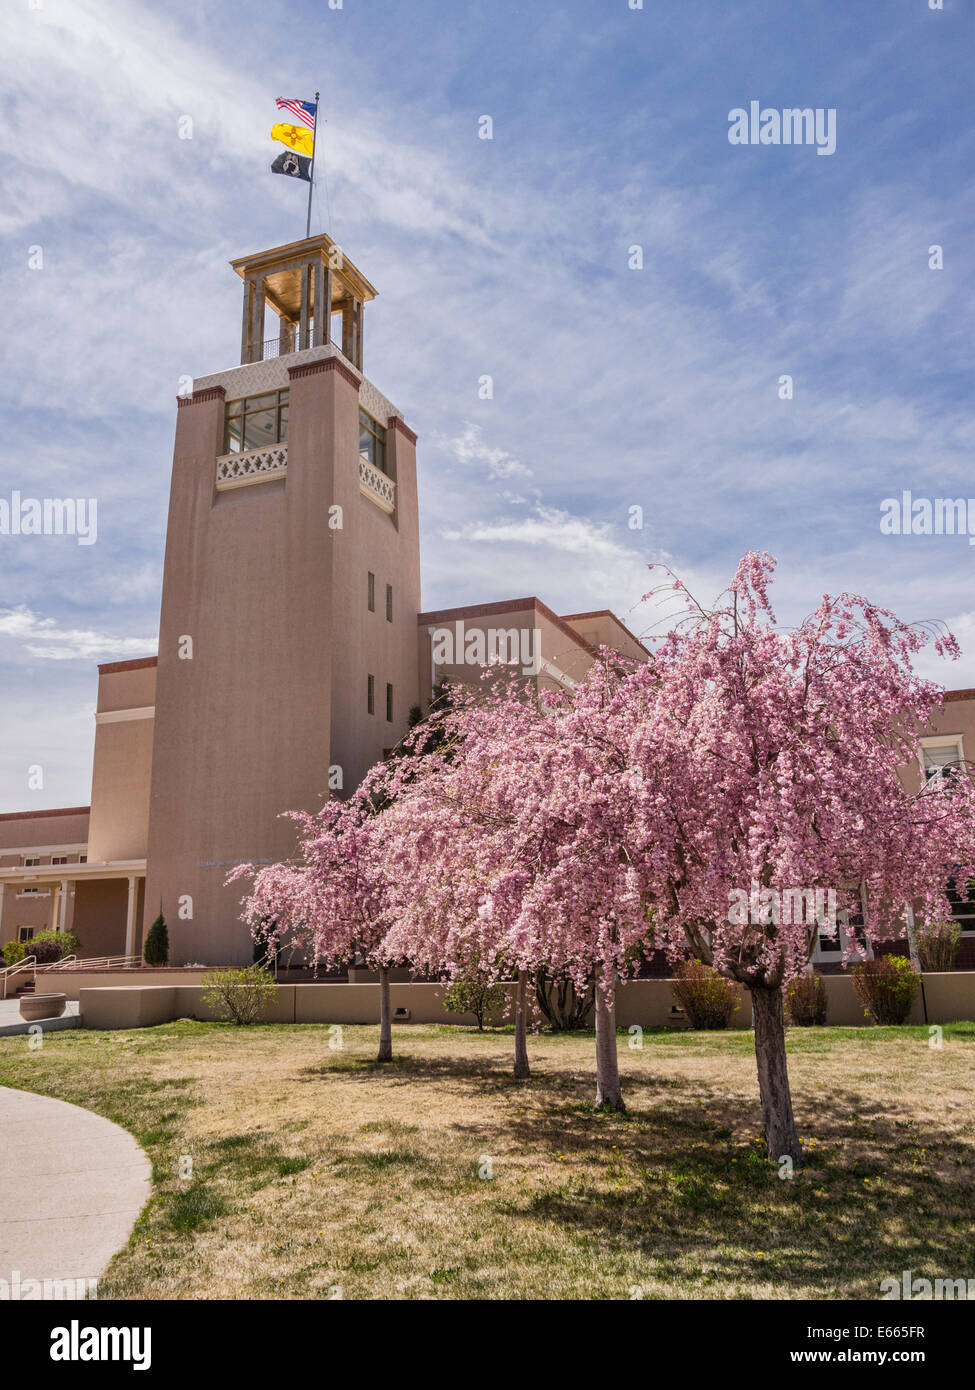 Cerisiers en fleurs et la tour de la Bataan Memorial Building, un complexe de bureaux de l'État du Nouveau Photo Stock